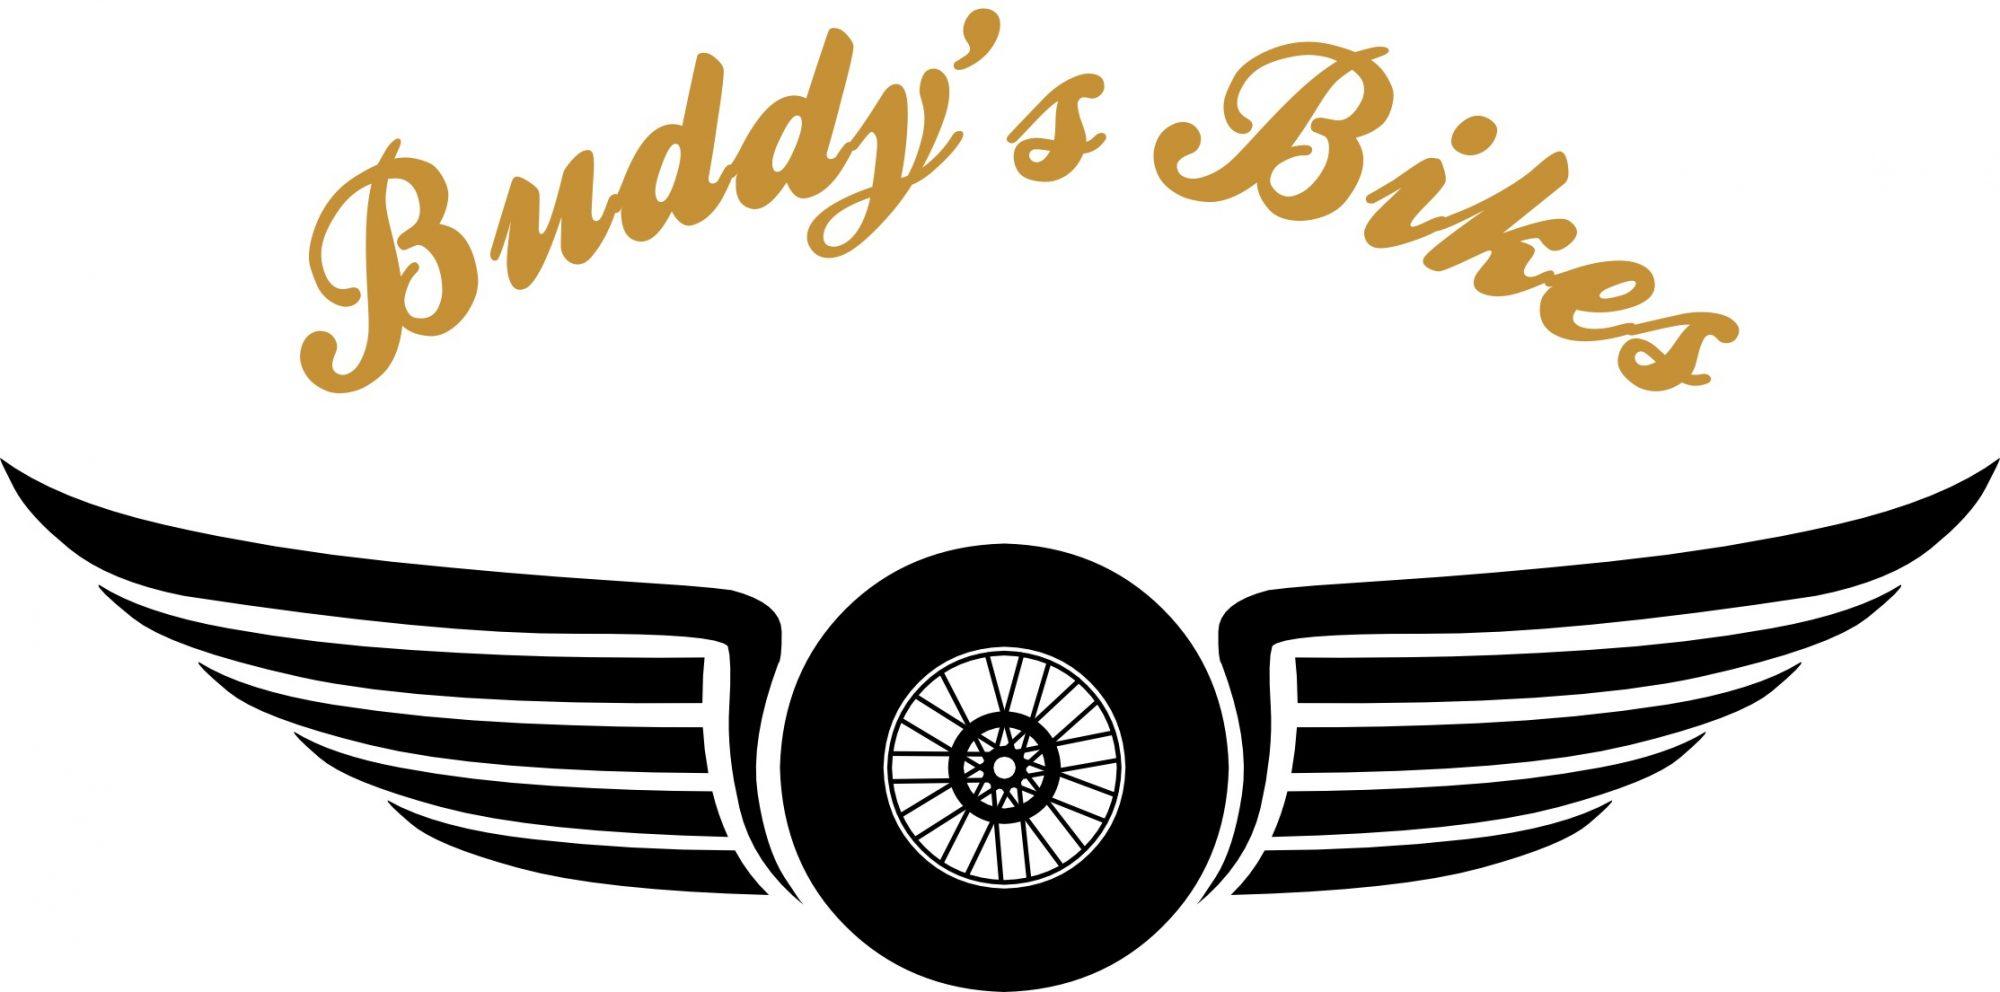 Buddy's Bikes